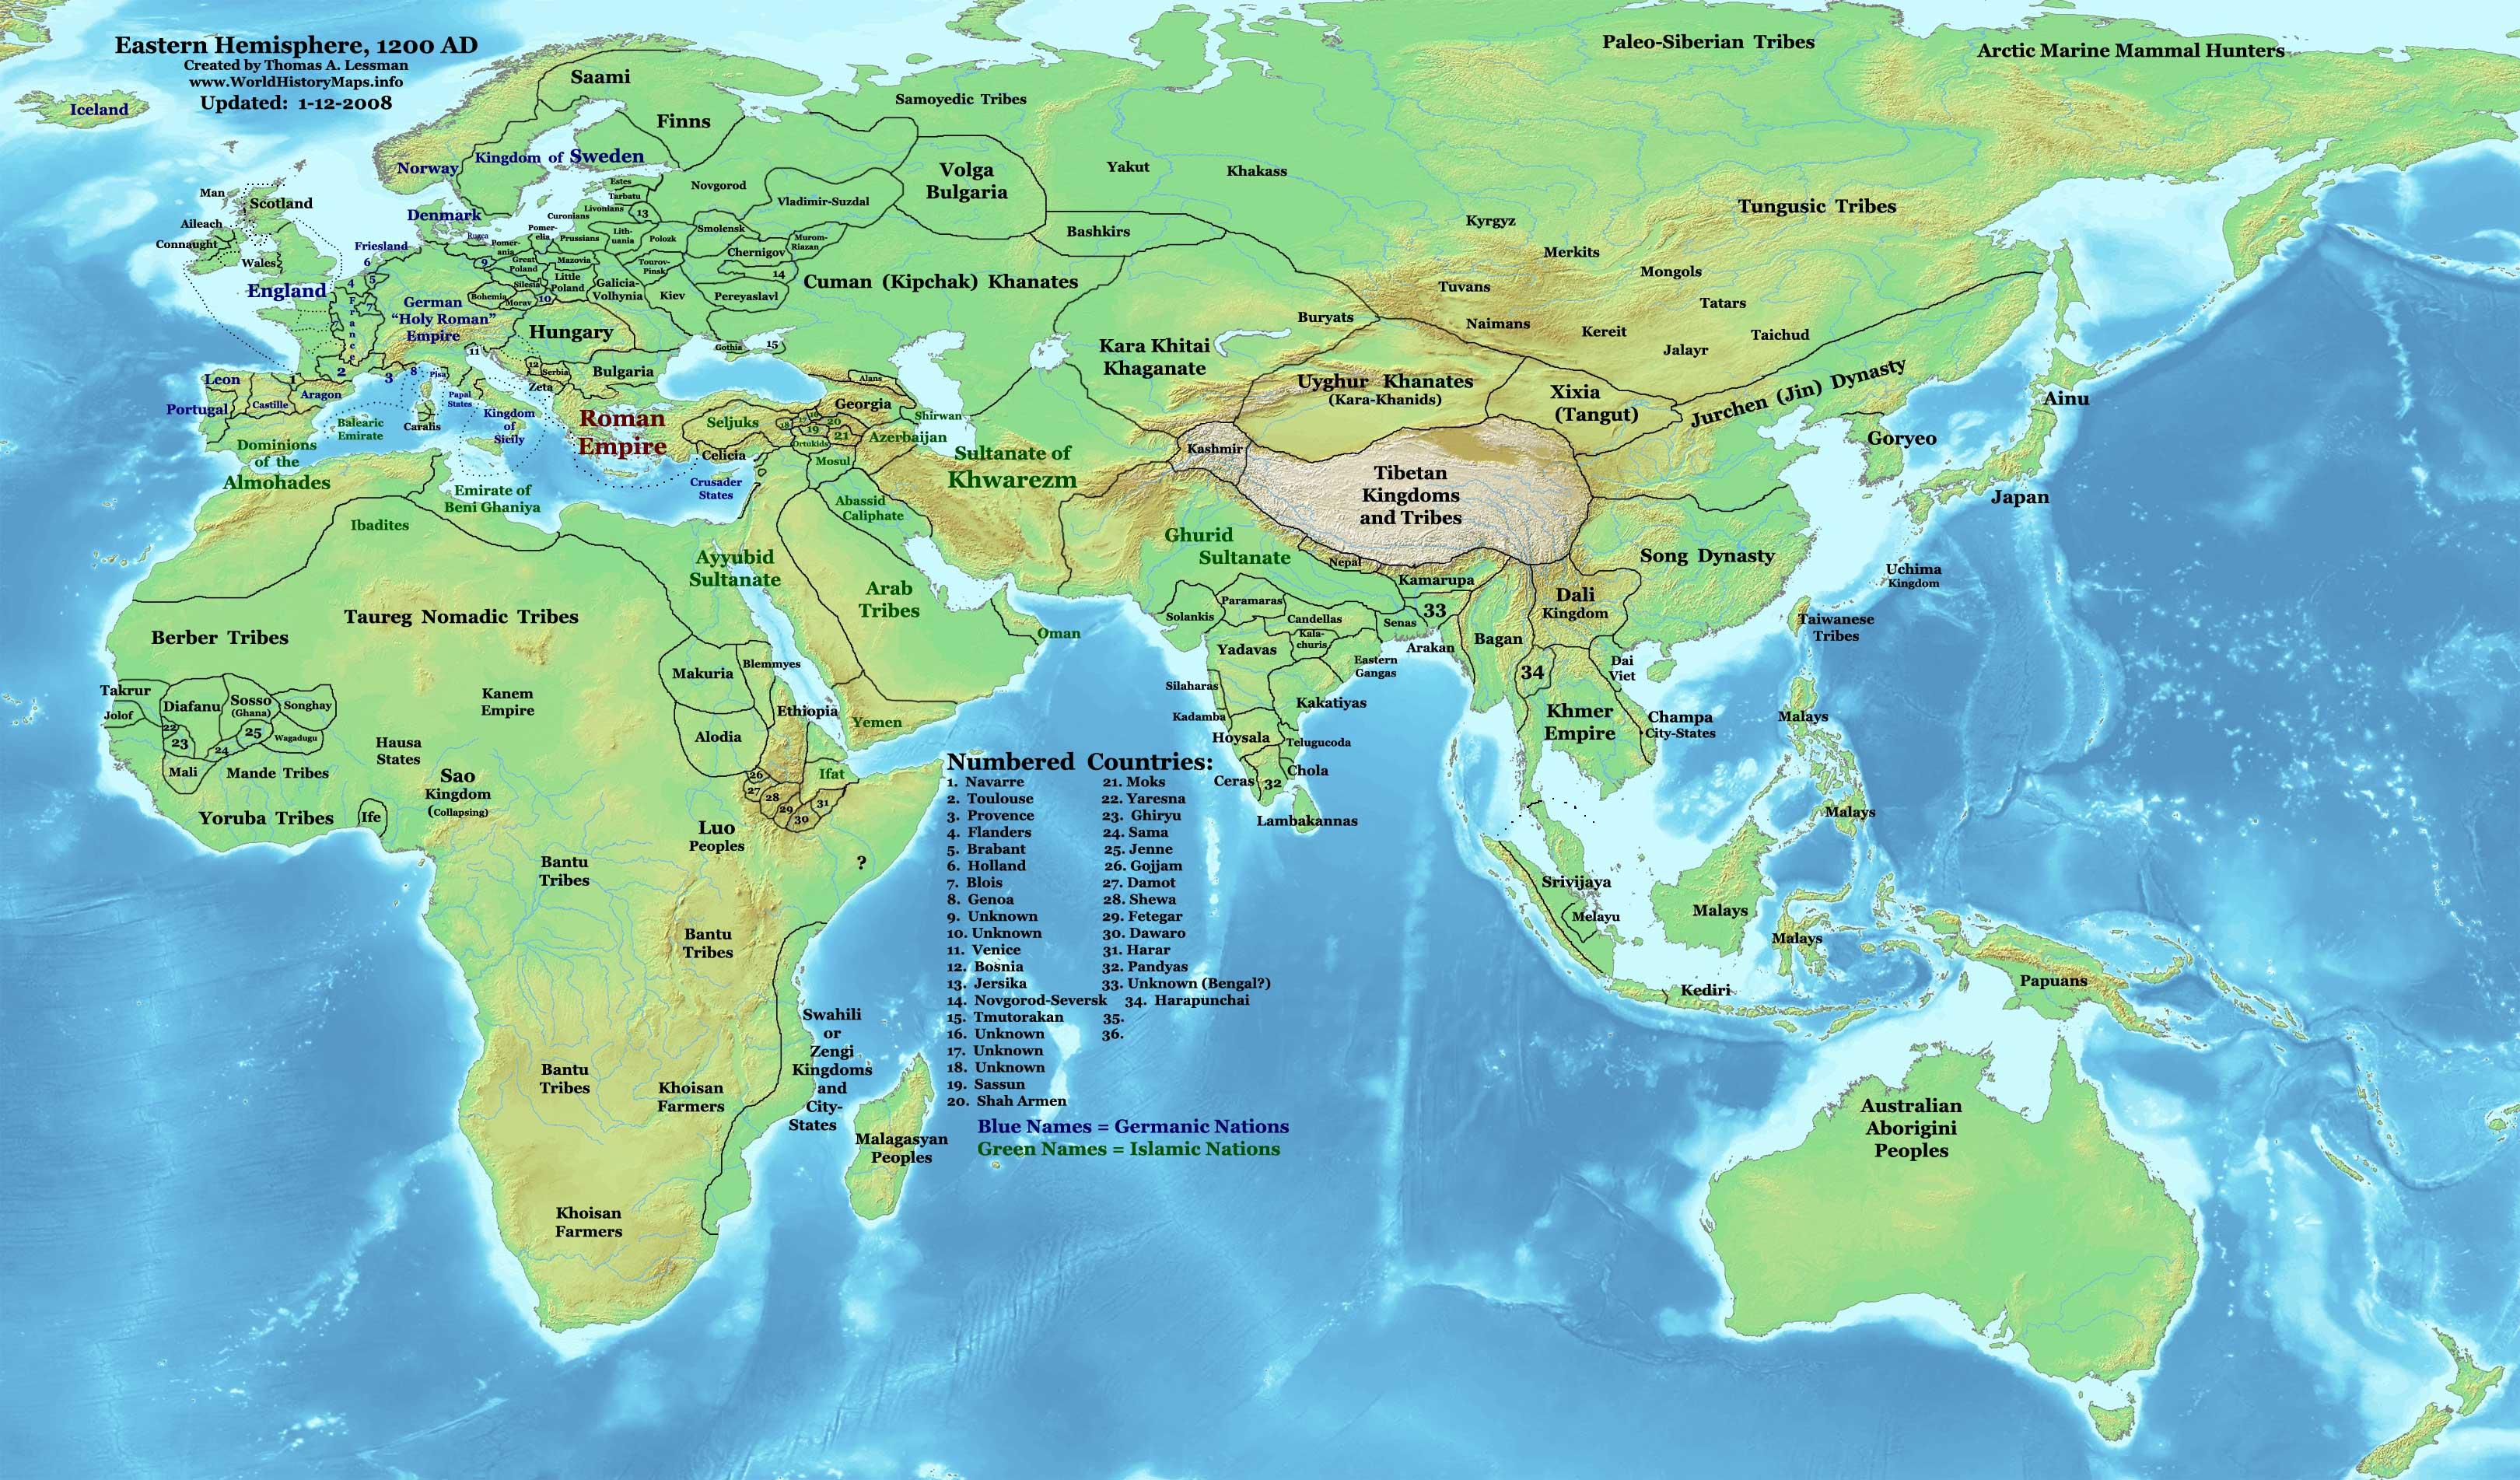 http://worldhistorymaps.info/images/East-Hem_1200ad.jpg